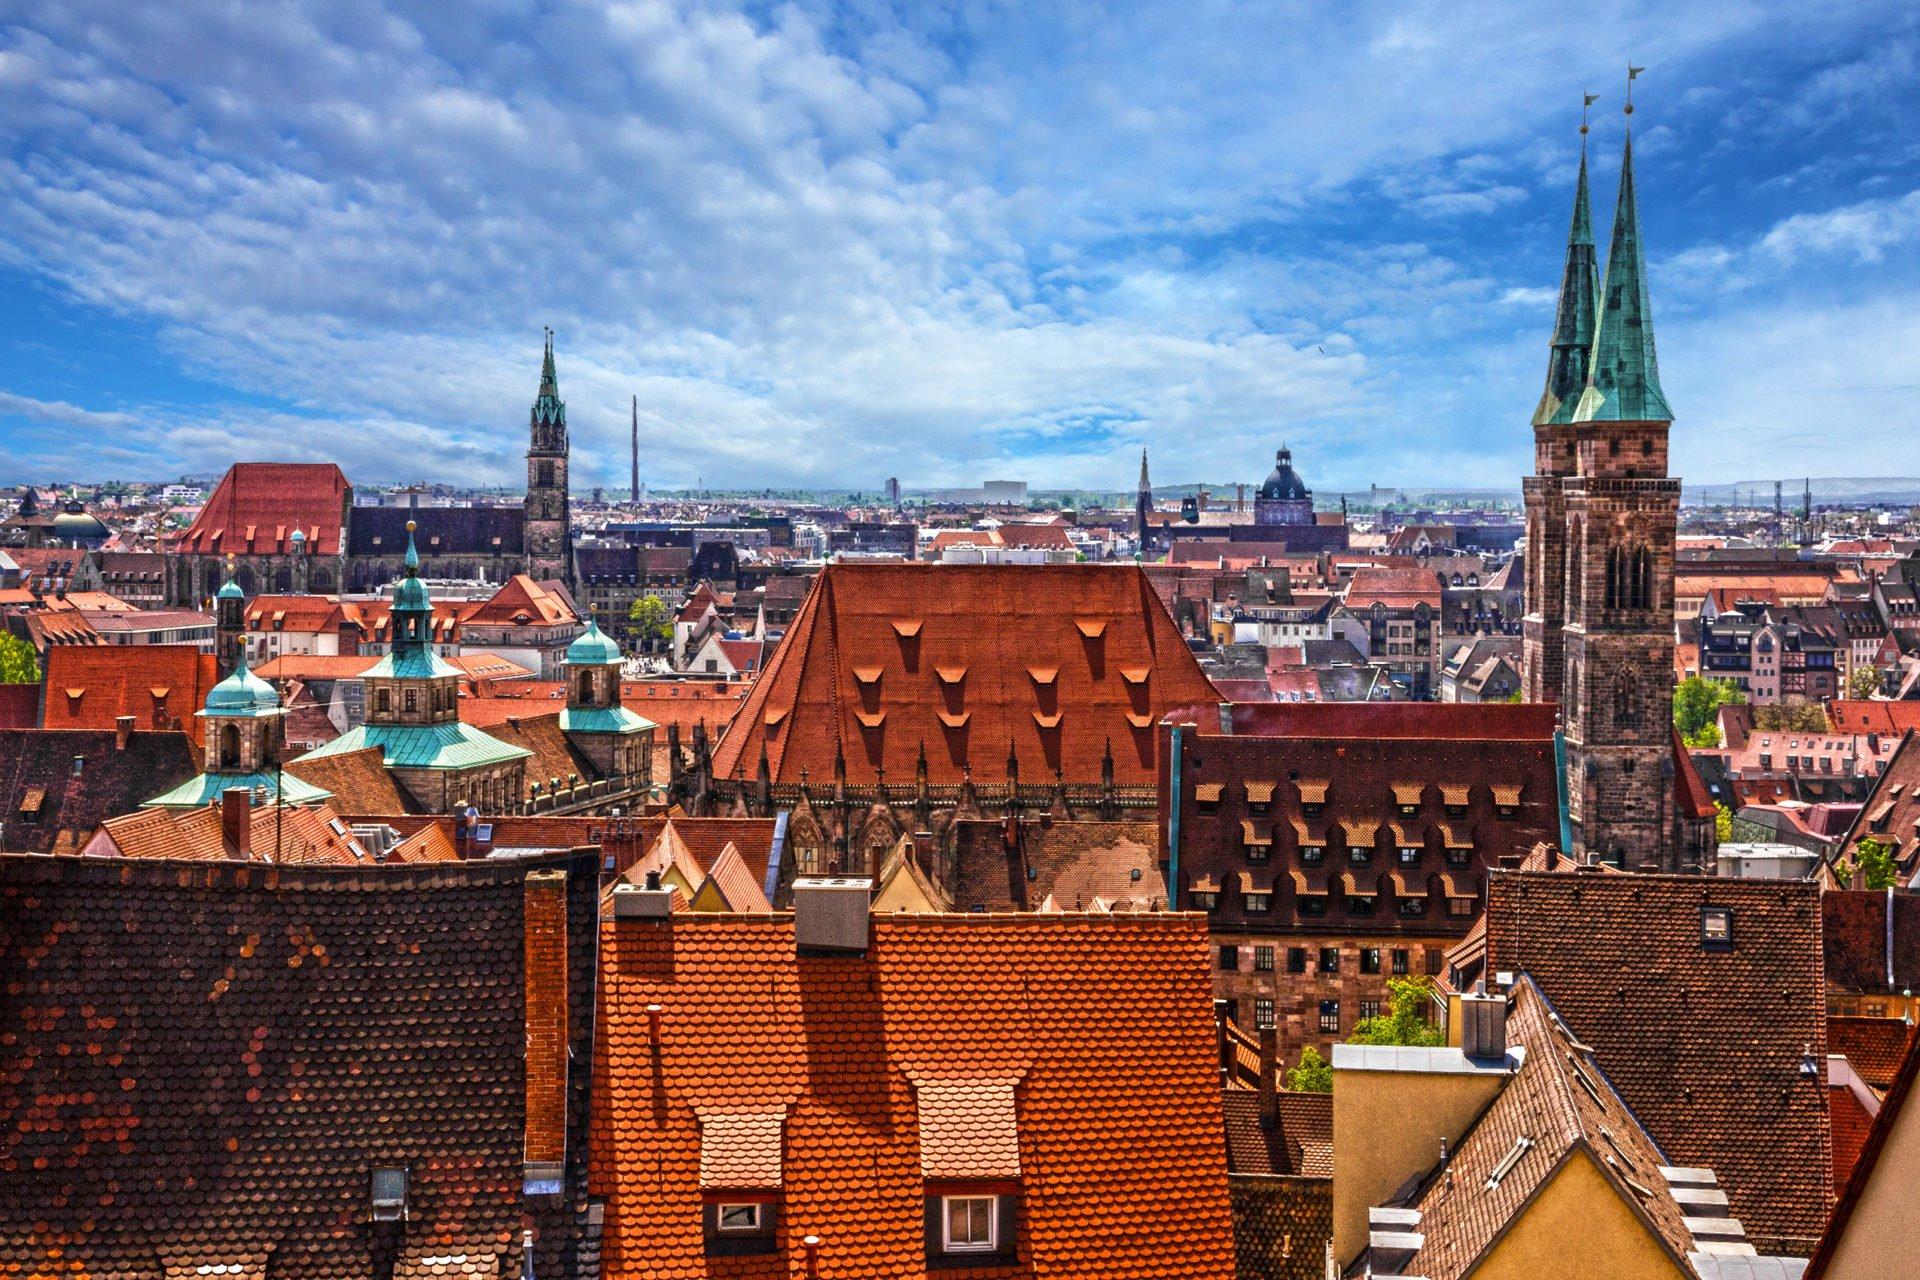 Nürnberg Sehenswürdigkeiten - Top 14 Attraktionen